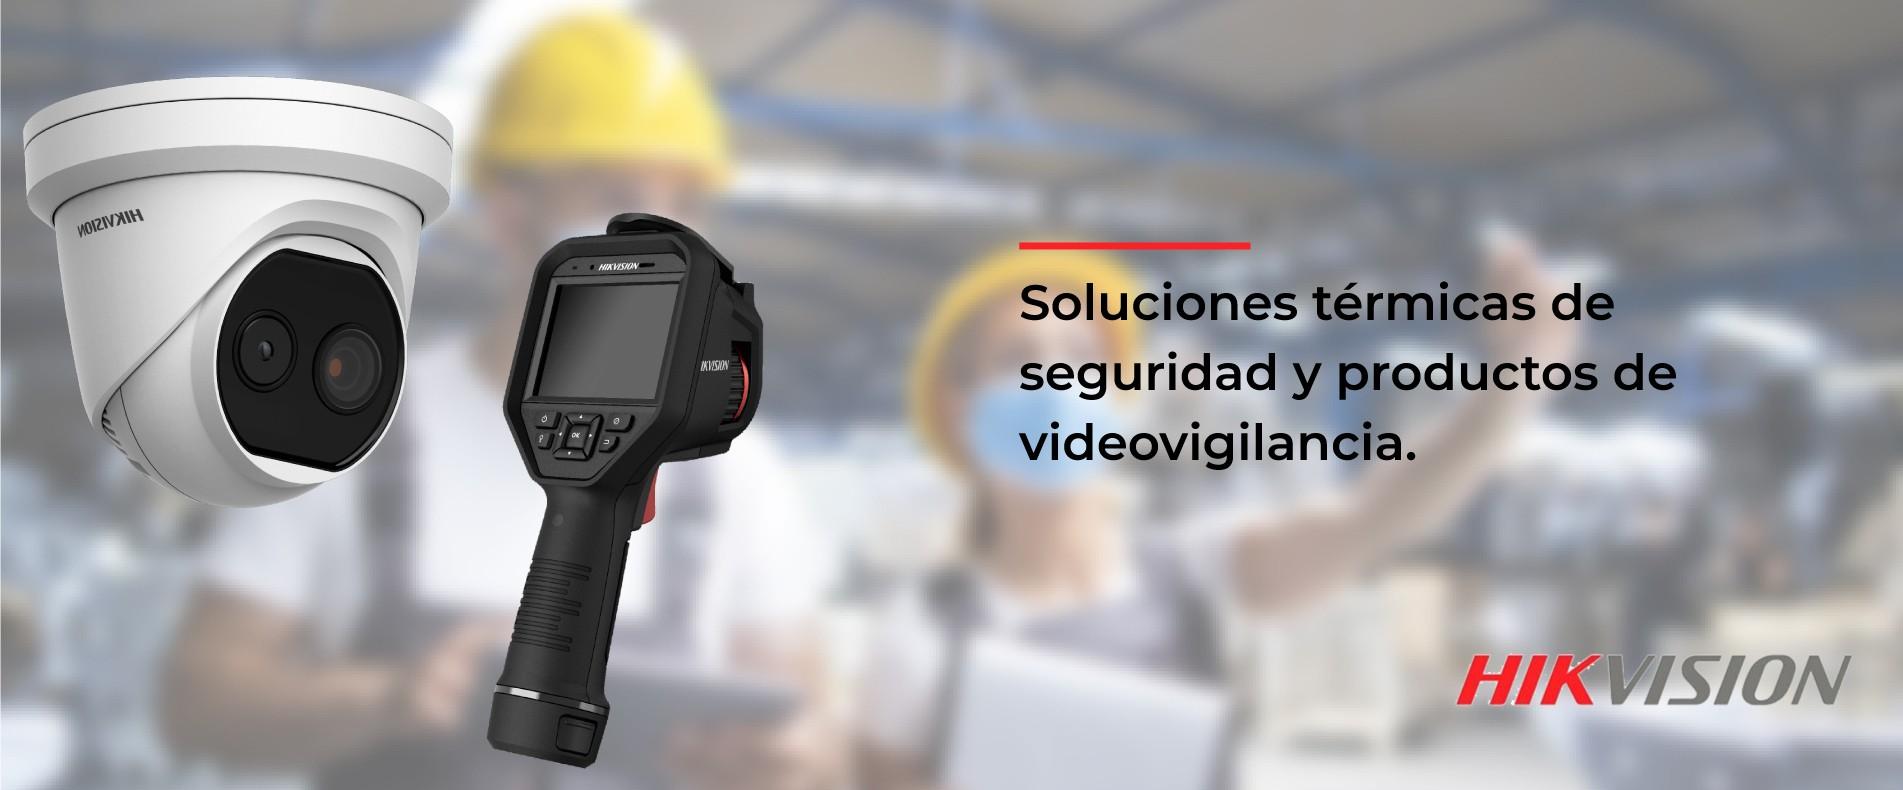 Tecnología térmica y video vigilancia